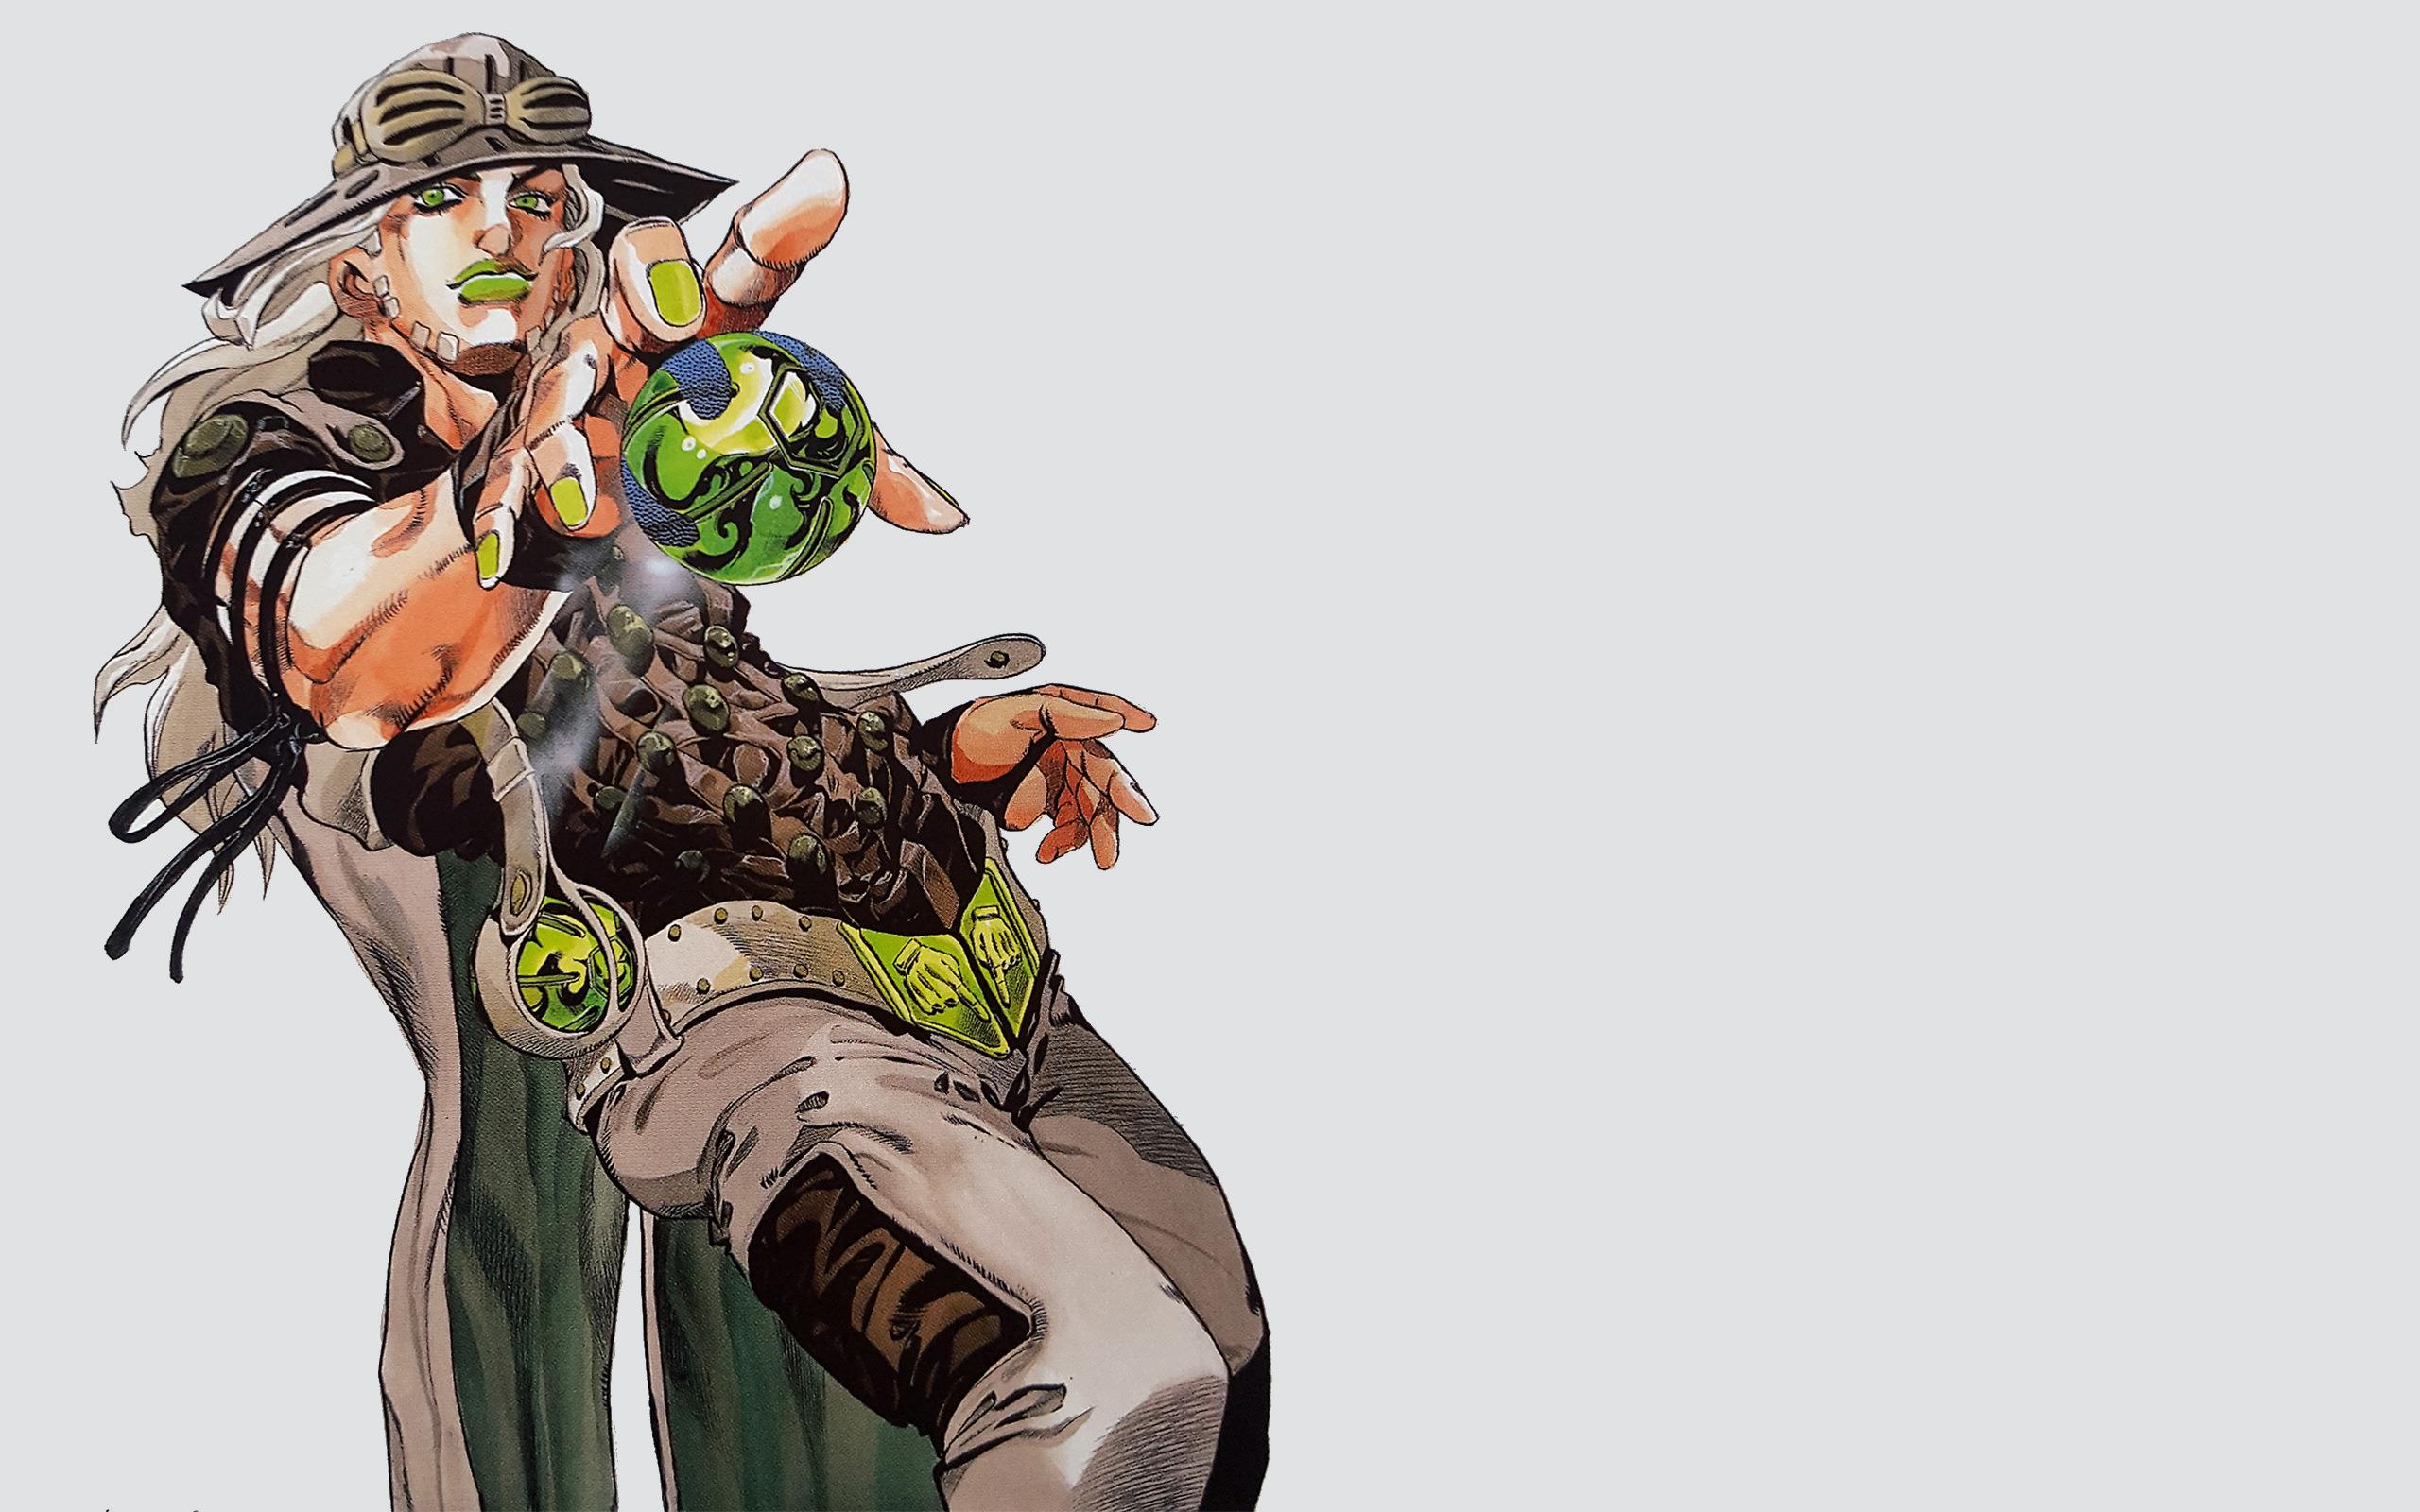 デスクトップ壁紙 ジョジョの奇妙な冒険 ジョジョリオン アニメ